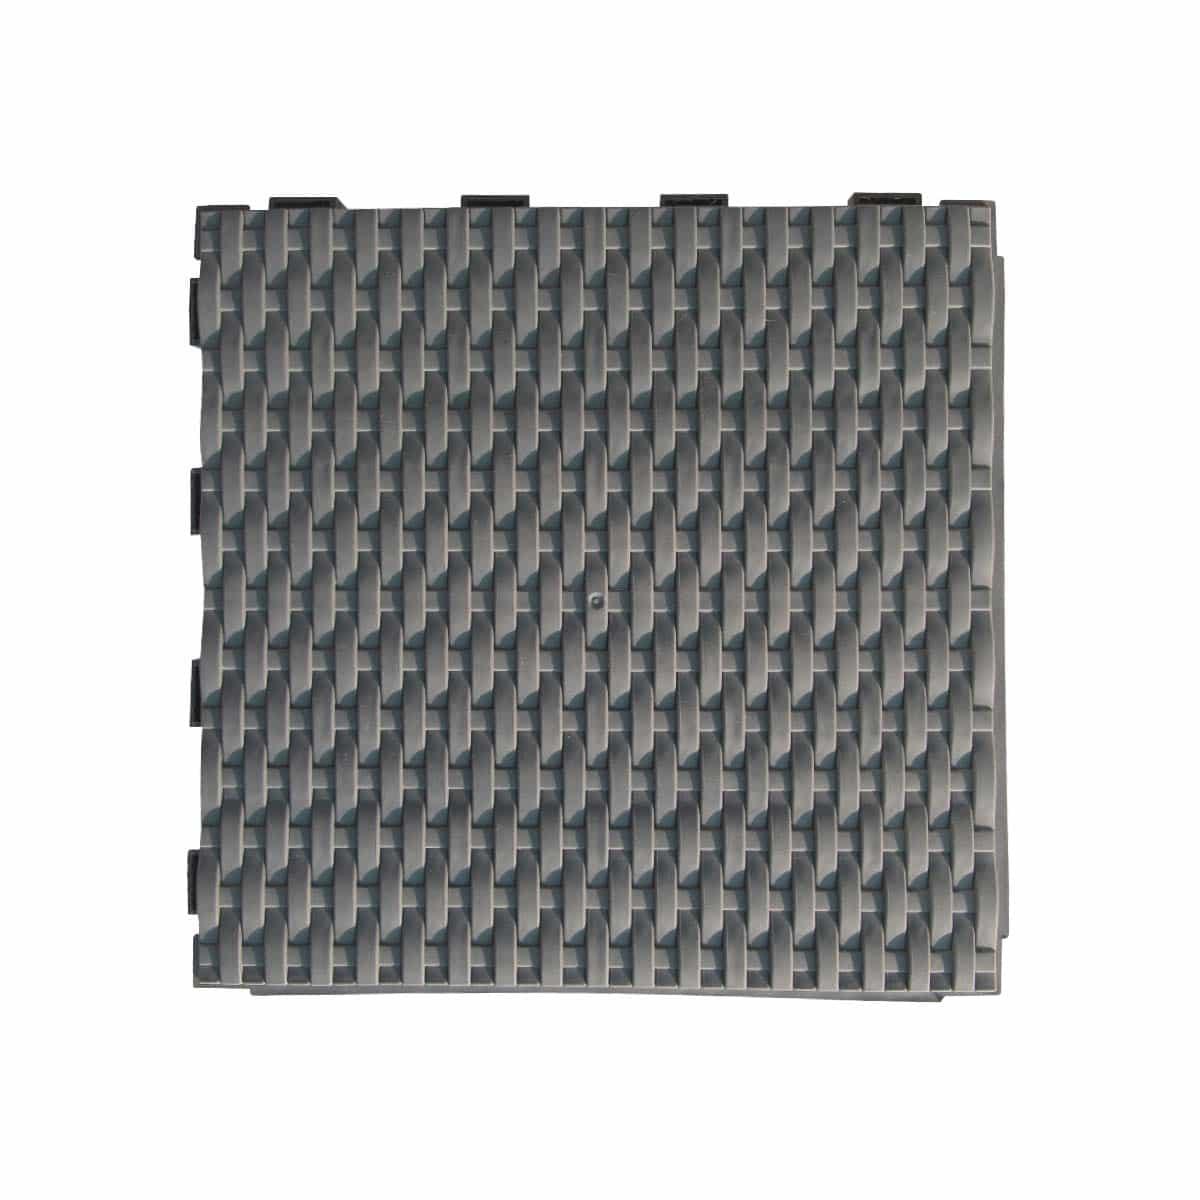 Dalle plastique tress e gris ardoise 28x28cm lot de 4 for Dalle jardin gris